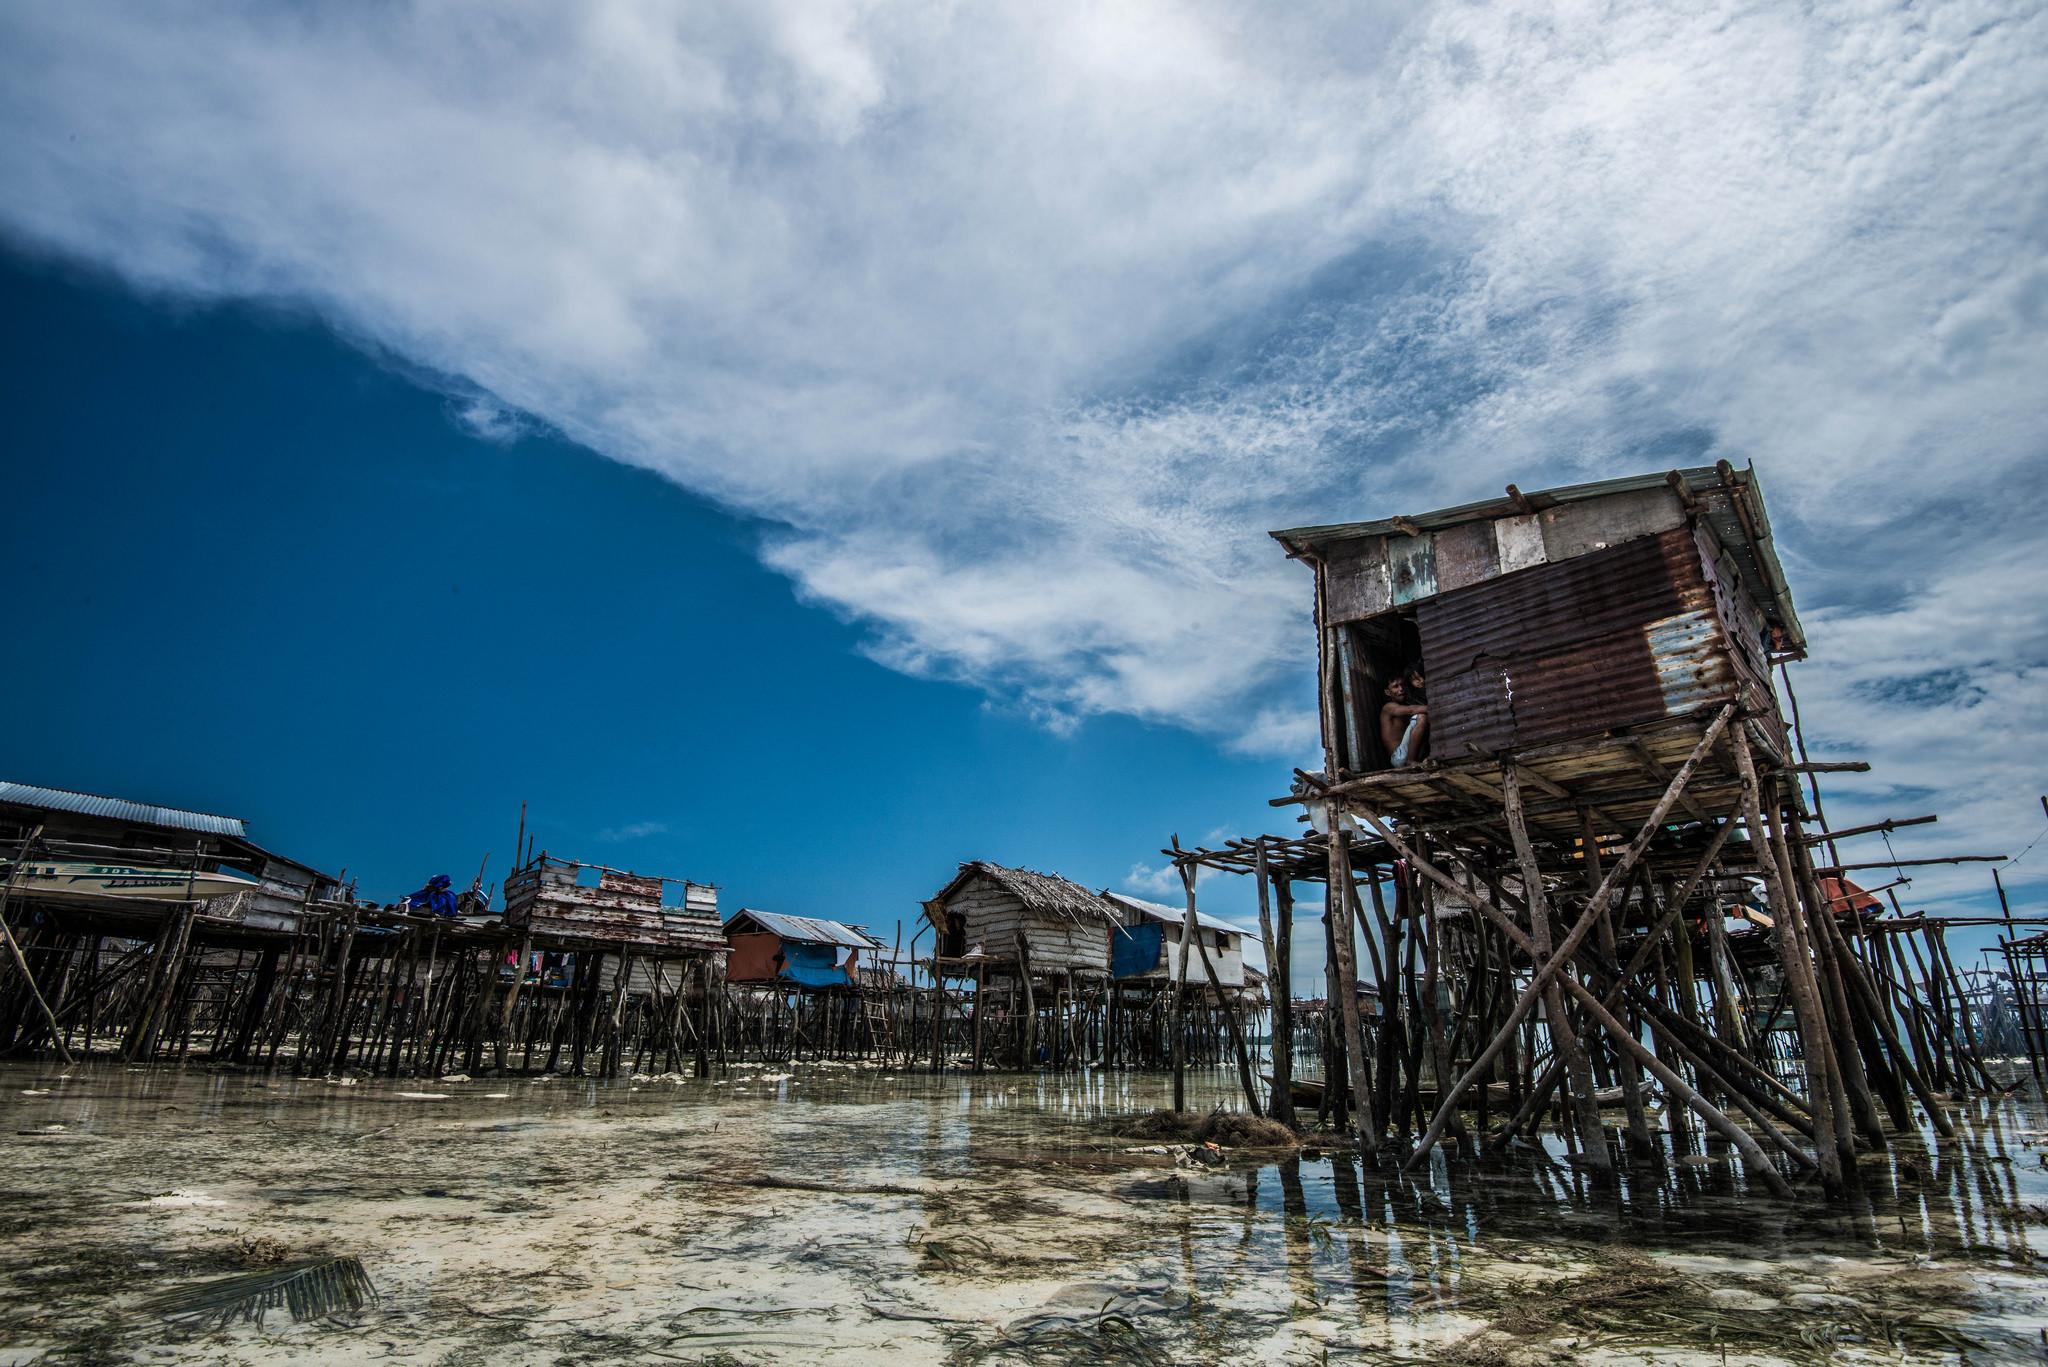 Stilt houses in Selakan Island.